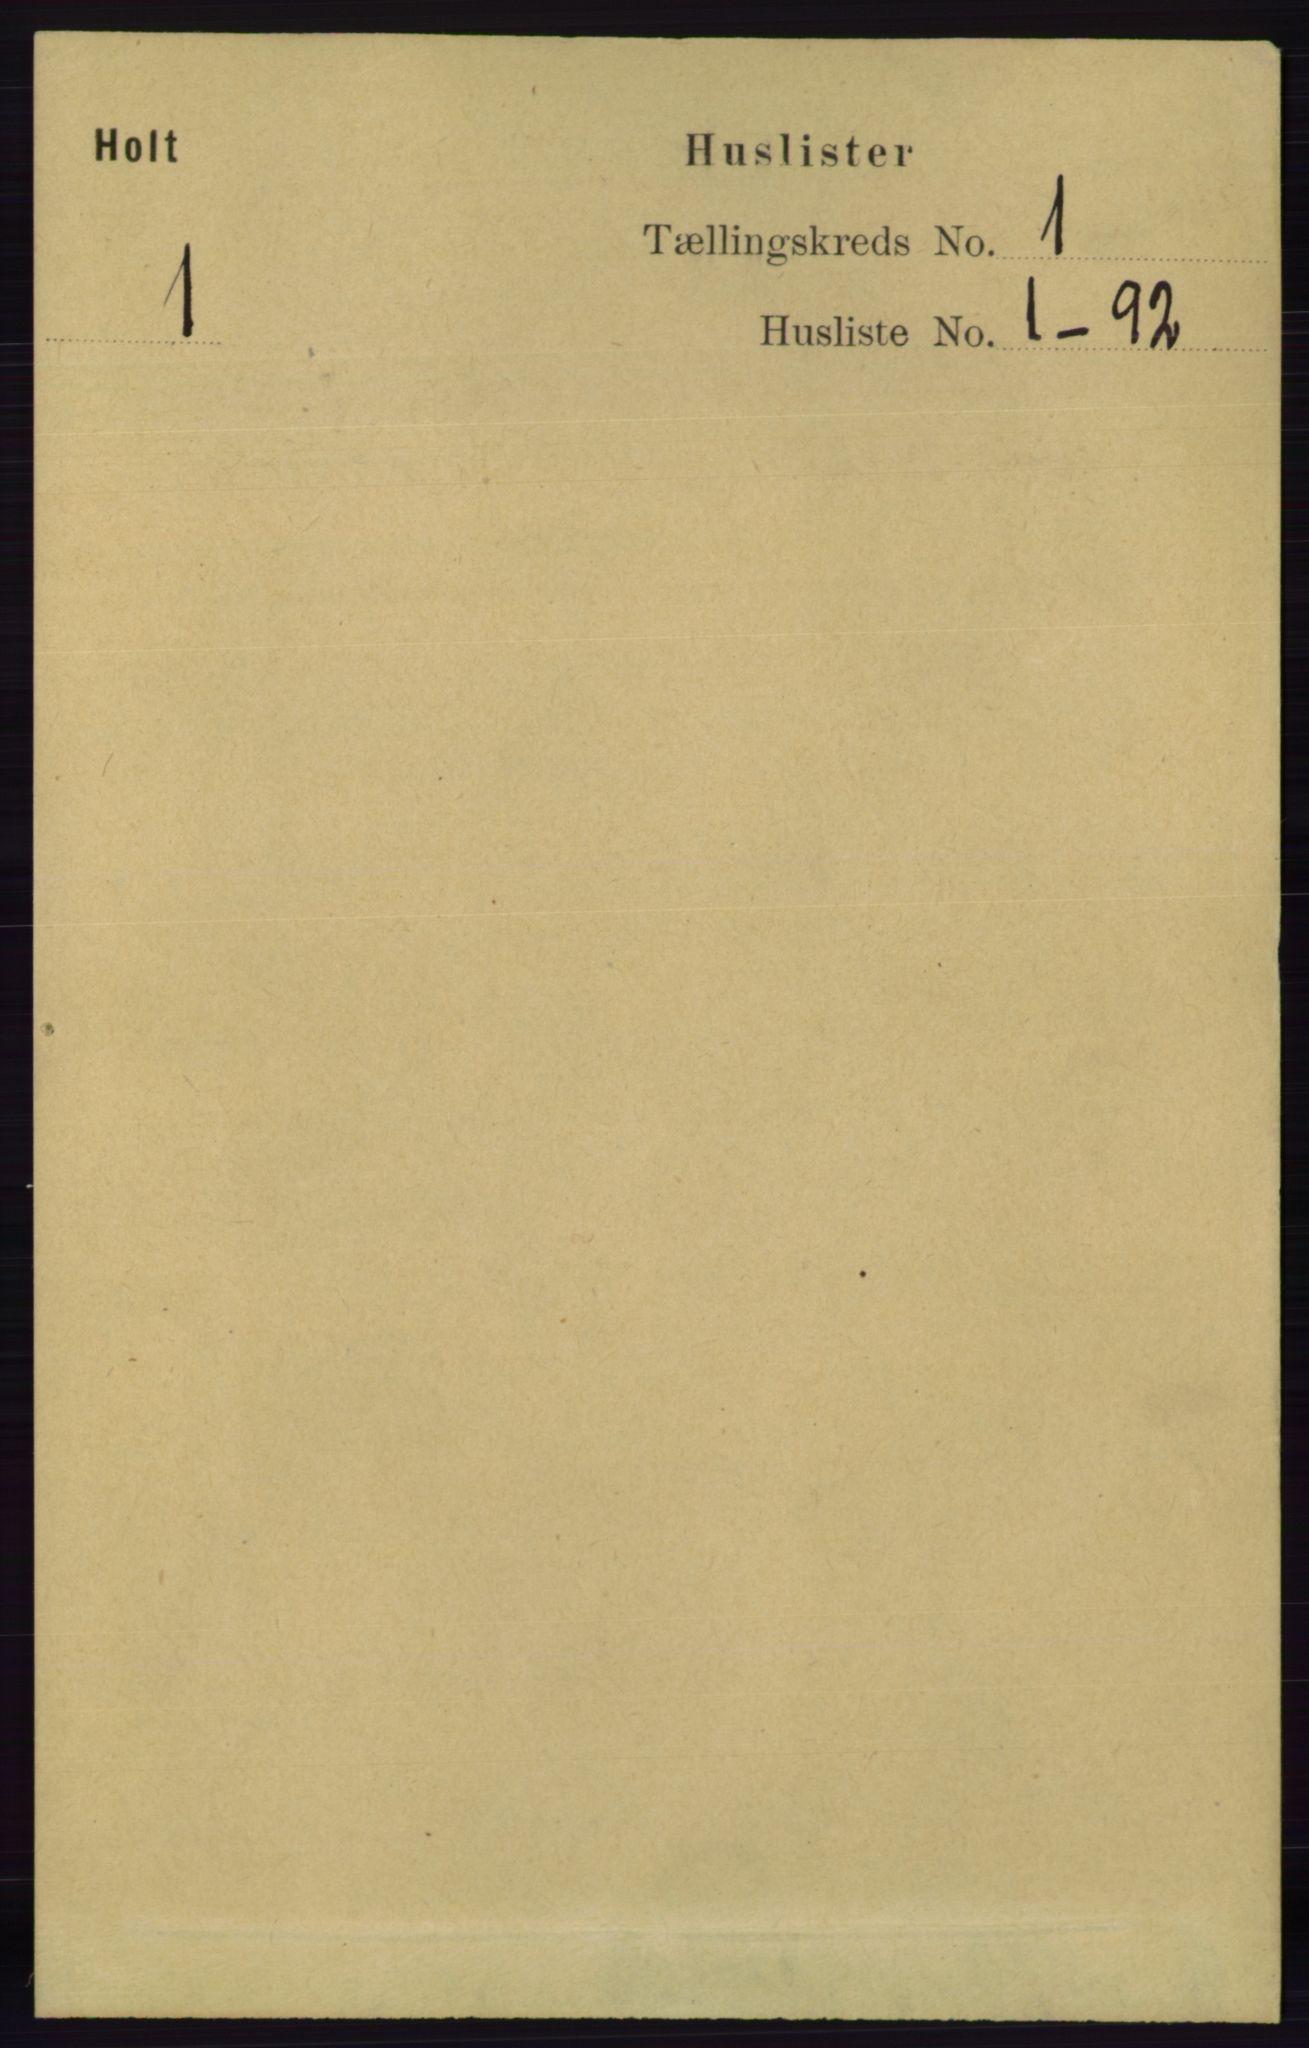 RA, Folketelling 1891 for 0914 Holt herred, 1891, s. 33